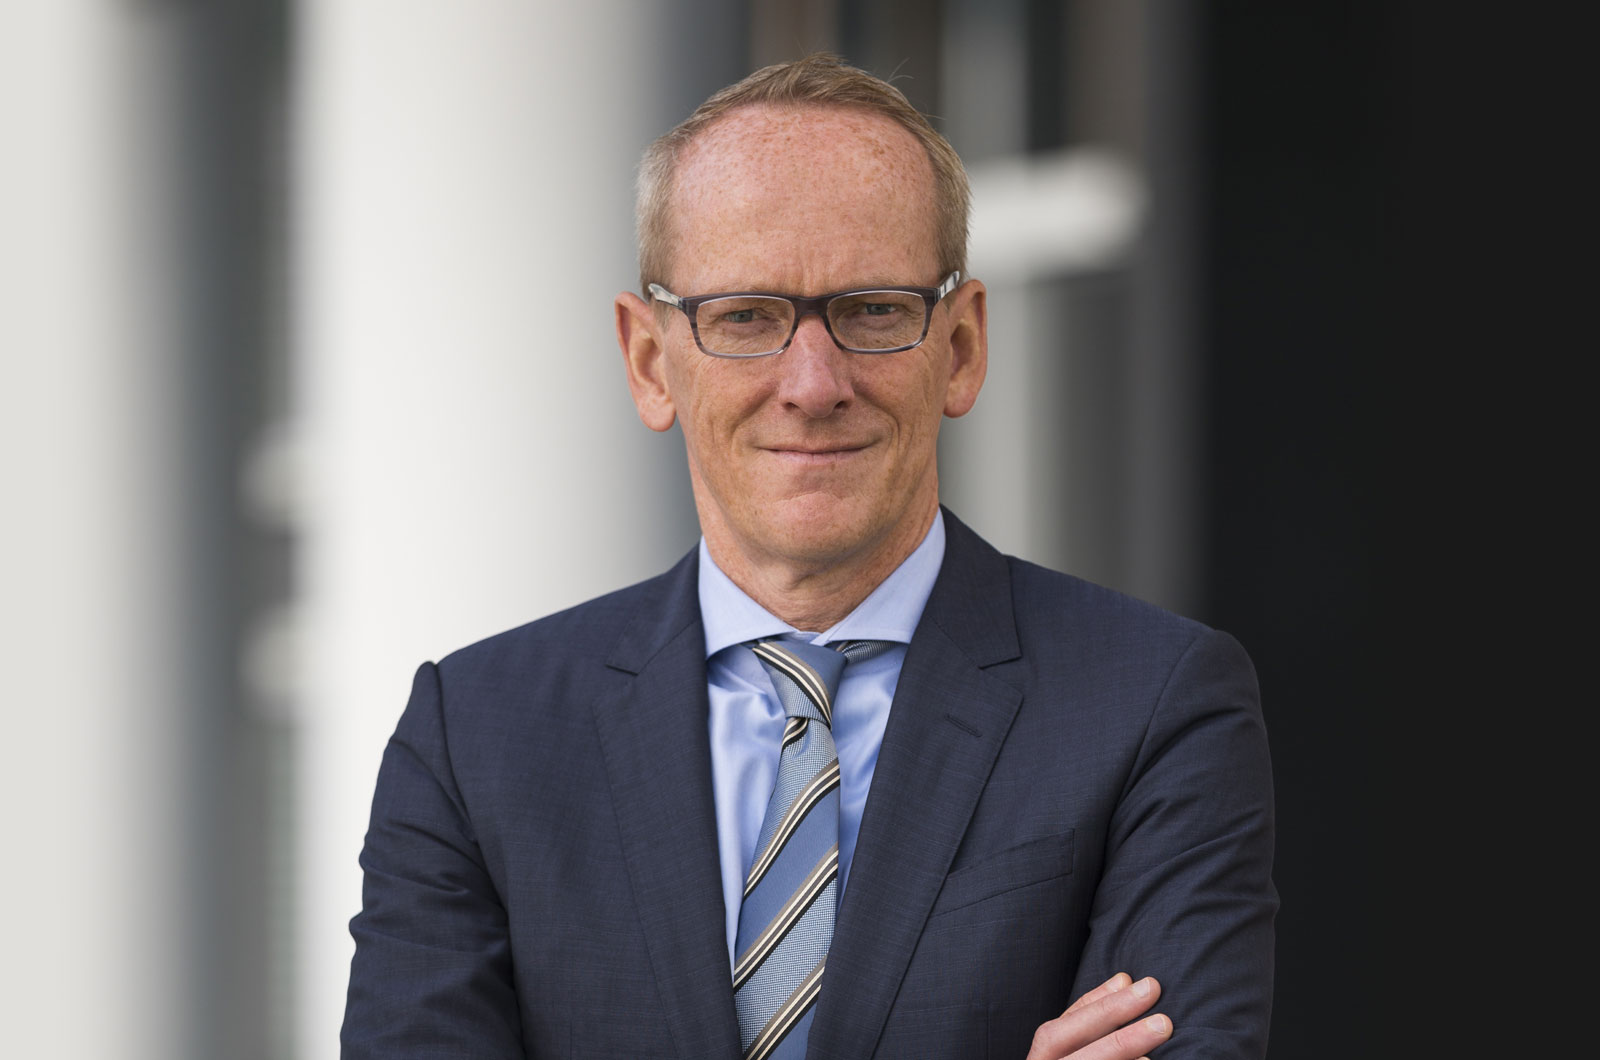 Генеральный директор Opel / Vauxhall опережает важные переговоры по PSA